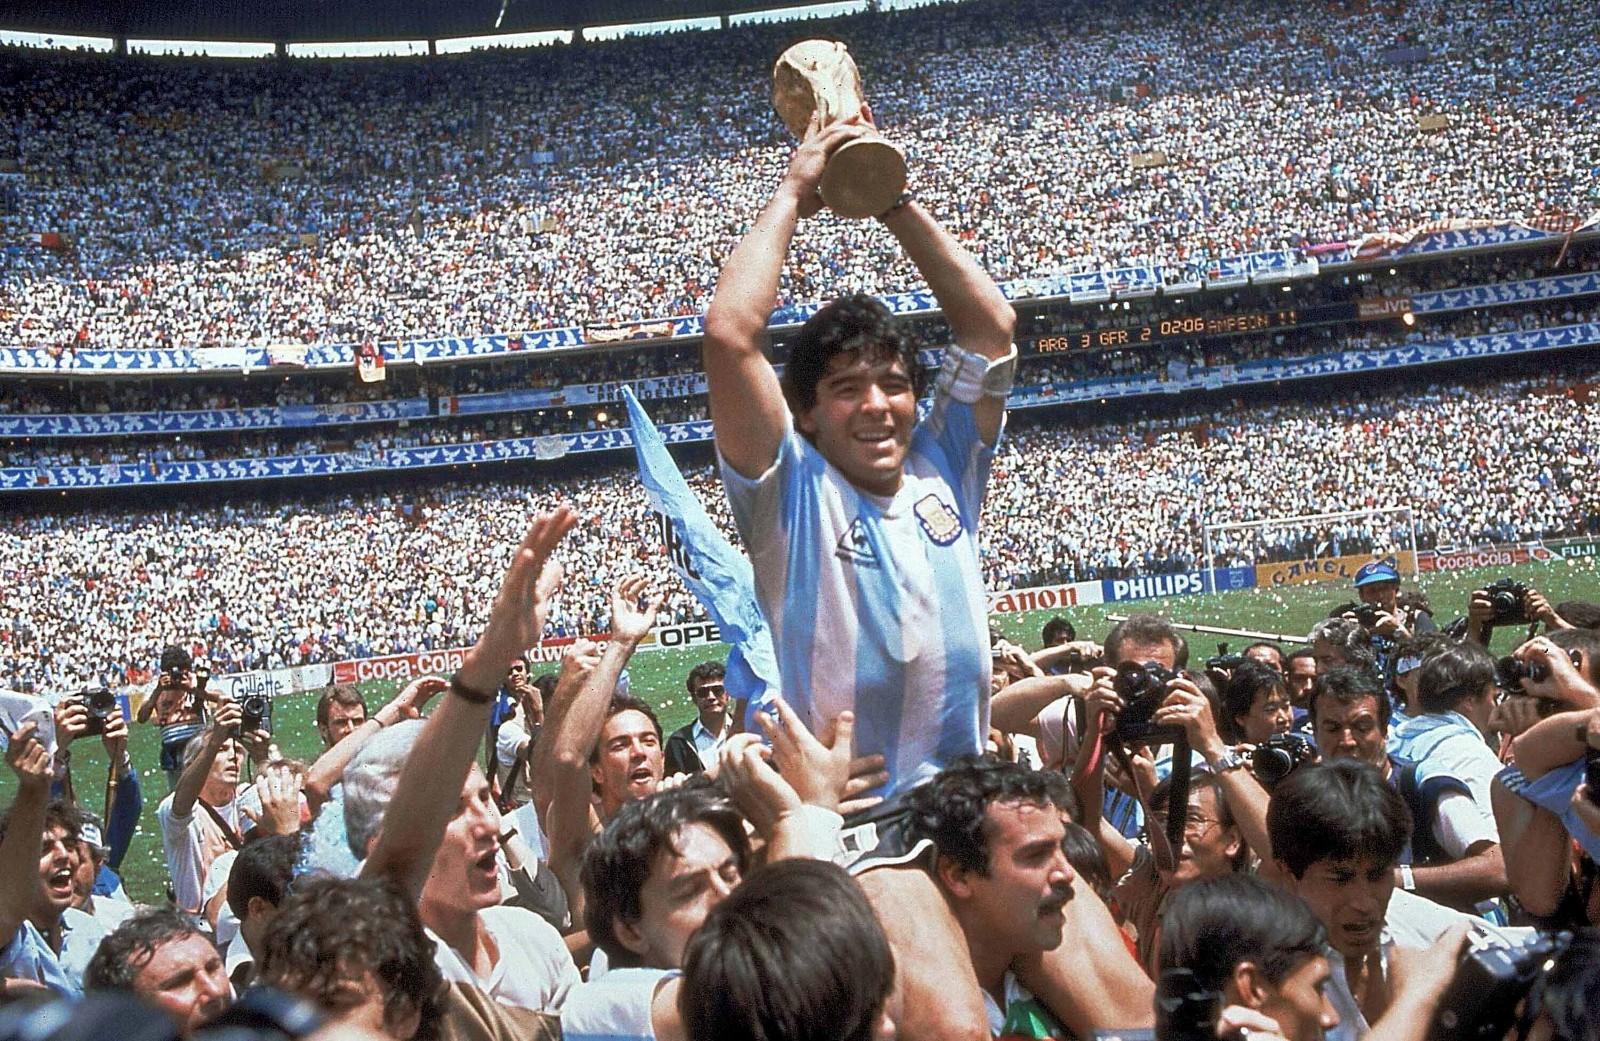 媒体称阿根廷球王马拉多纳去世_图1-3